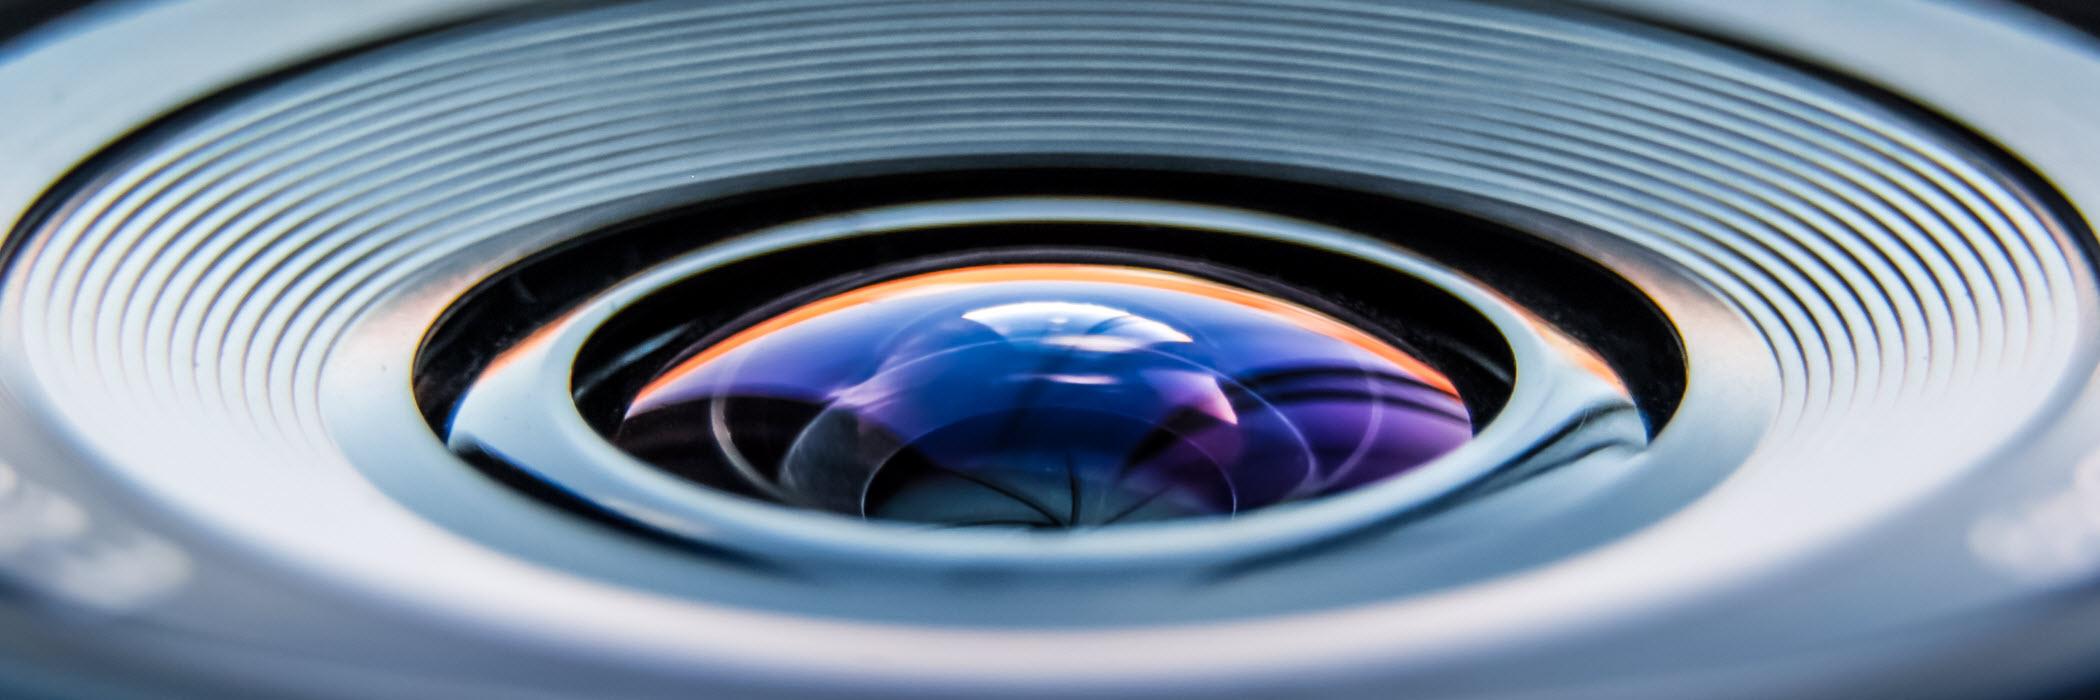 lens-w.jpg